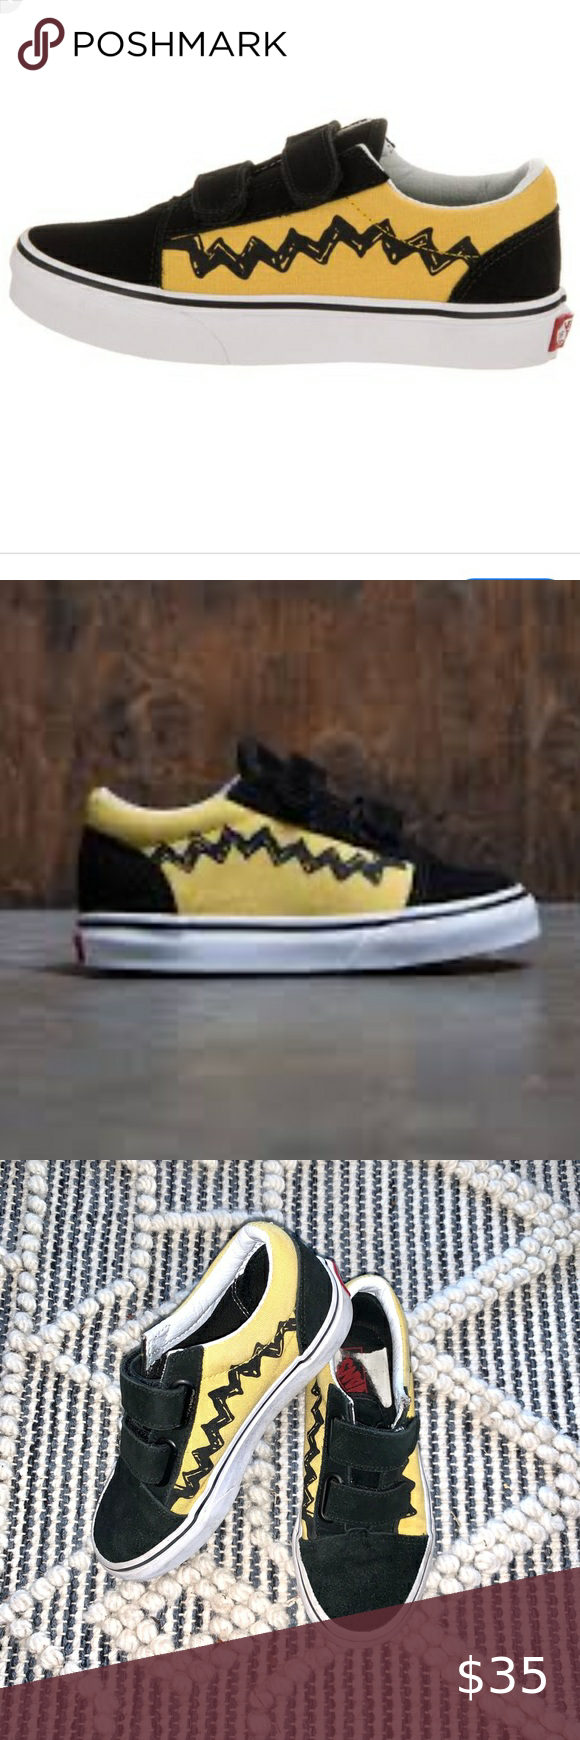 Vans x Peanuts Old Skool Charlie Brown Sneakers in 2020